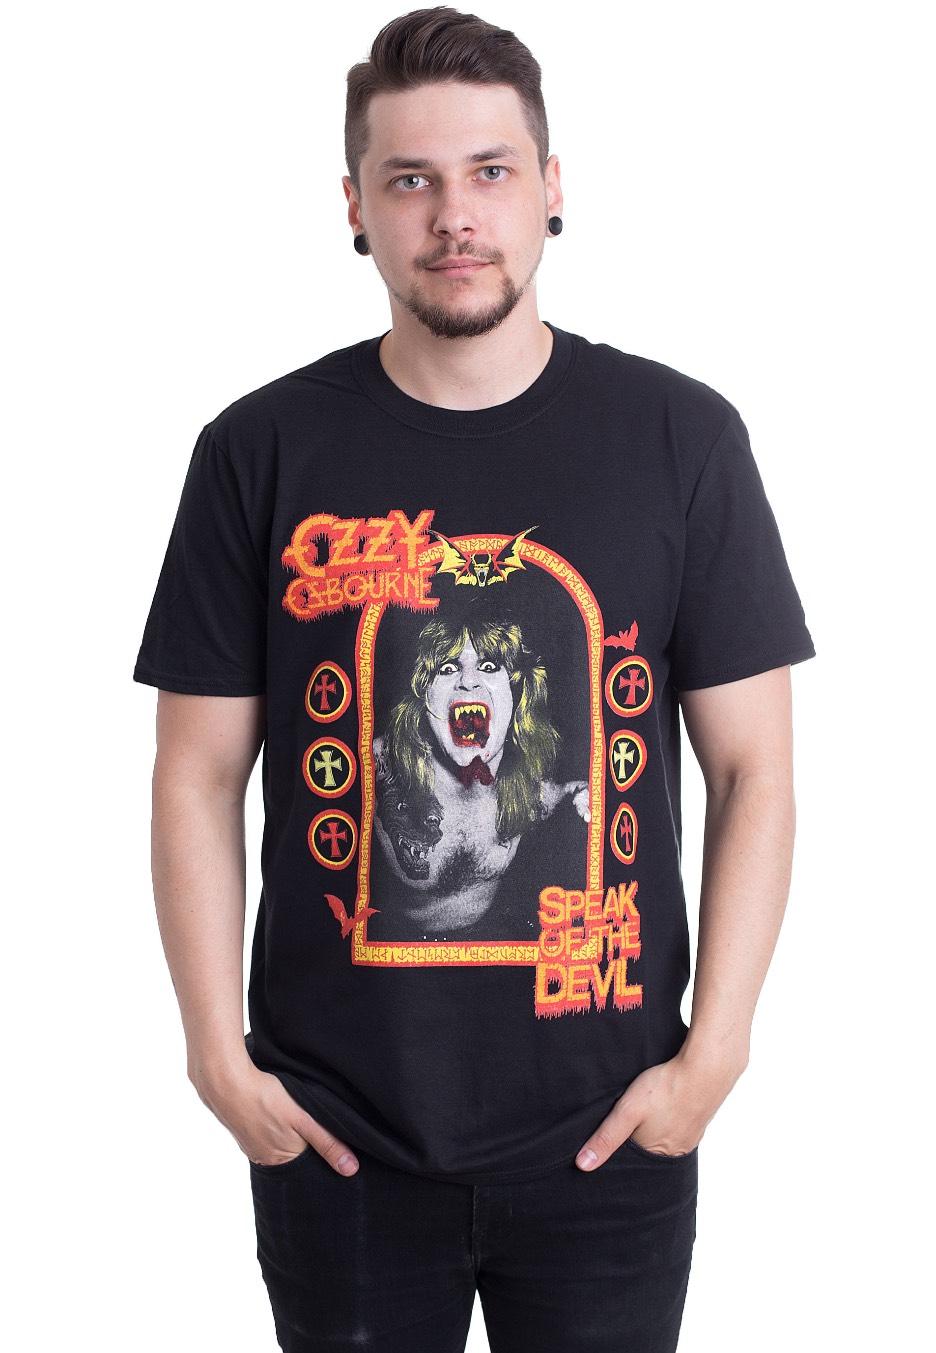 480e2e748 Ozzy Osbourne - Speak Of The Devil - T-Shirt - Official Classic Rock  Merchandise Shop - Impericon.com US